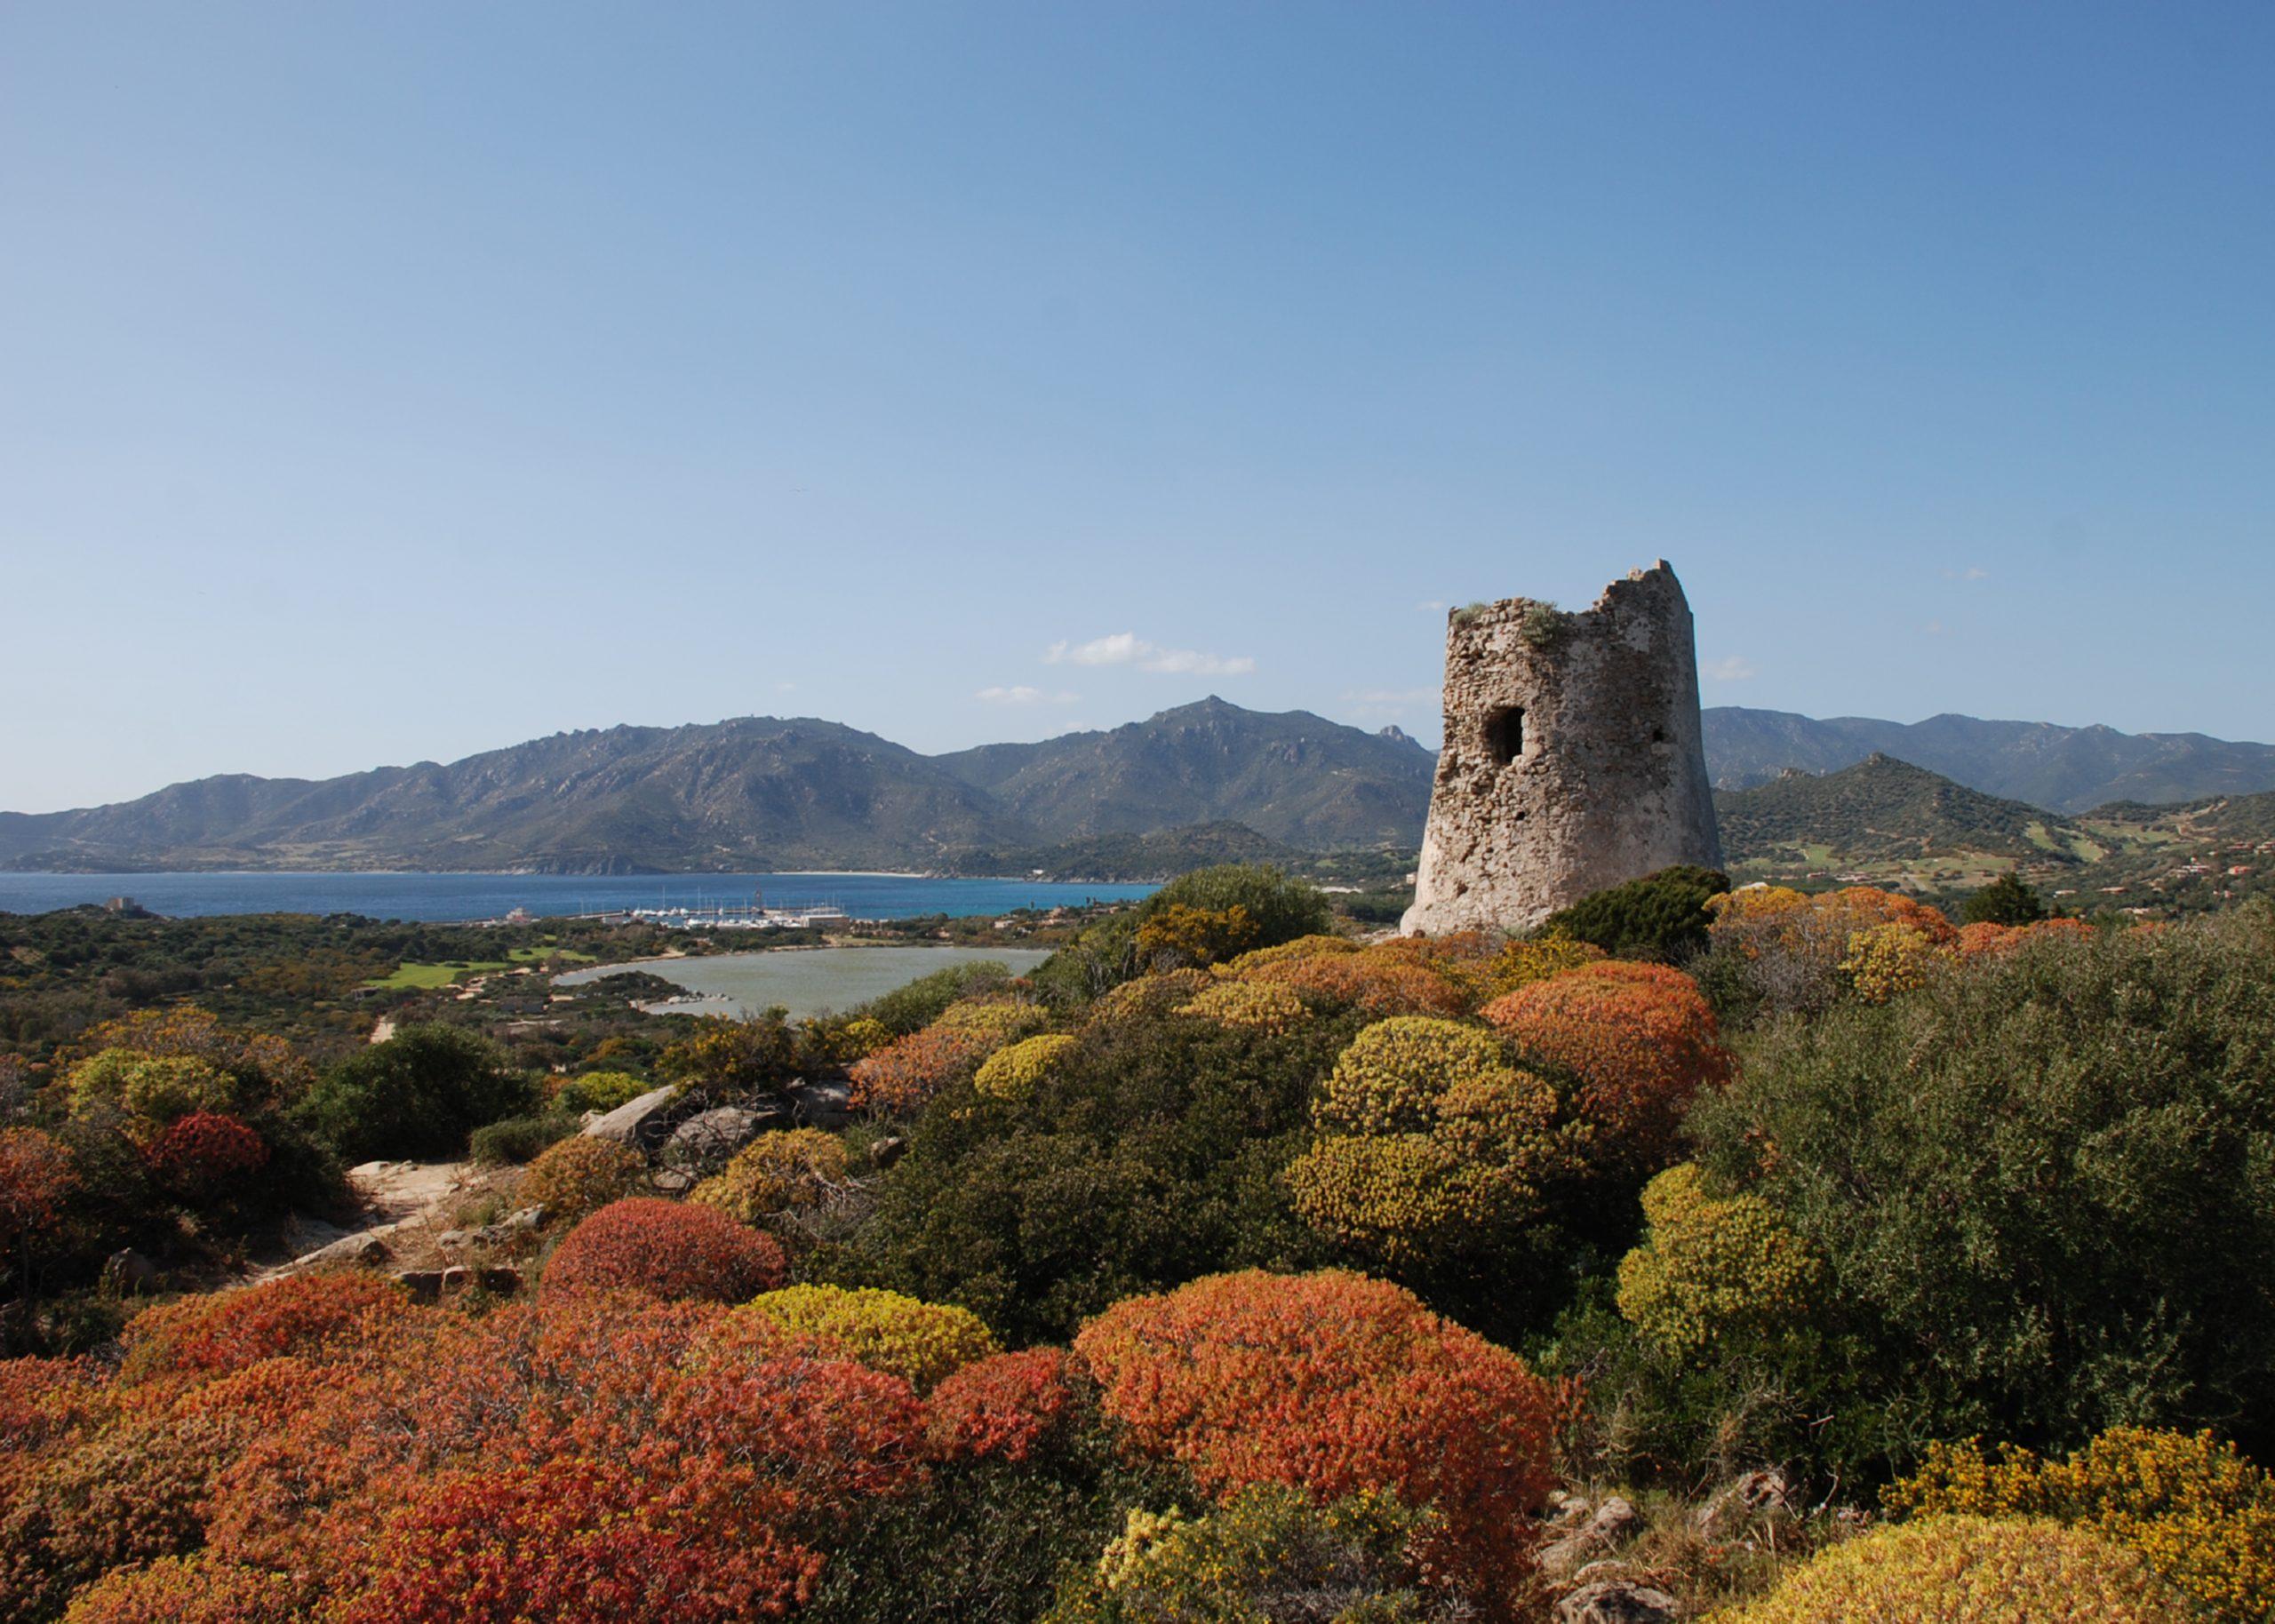 Villasimius, en el sureste de Cerdeña, es una localidad costera muy atractiva para los visitantes